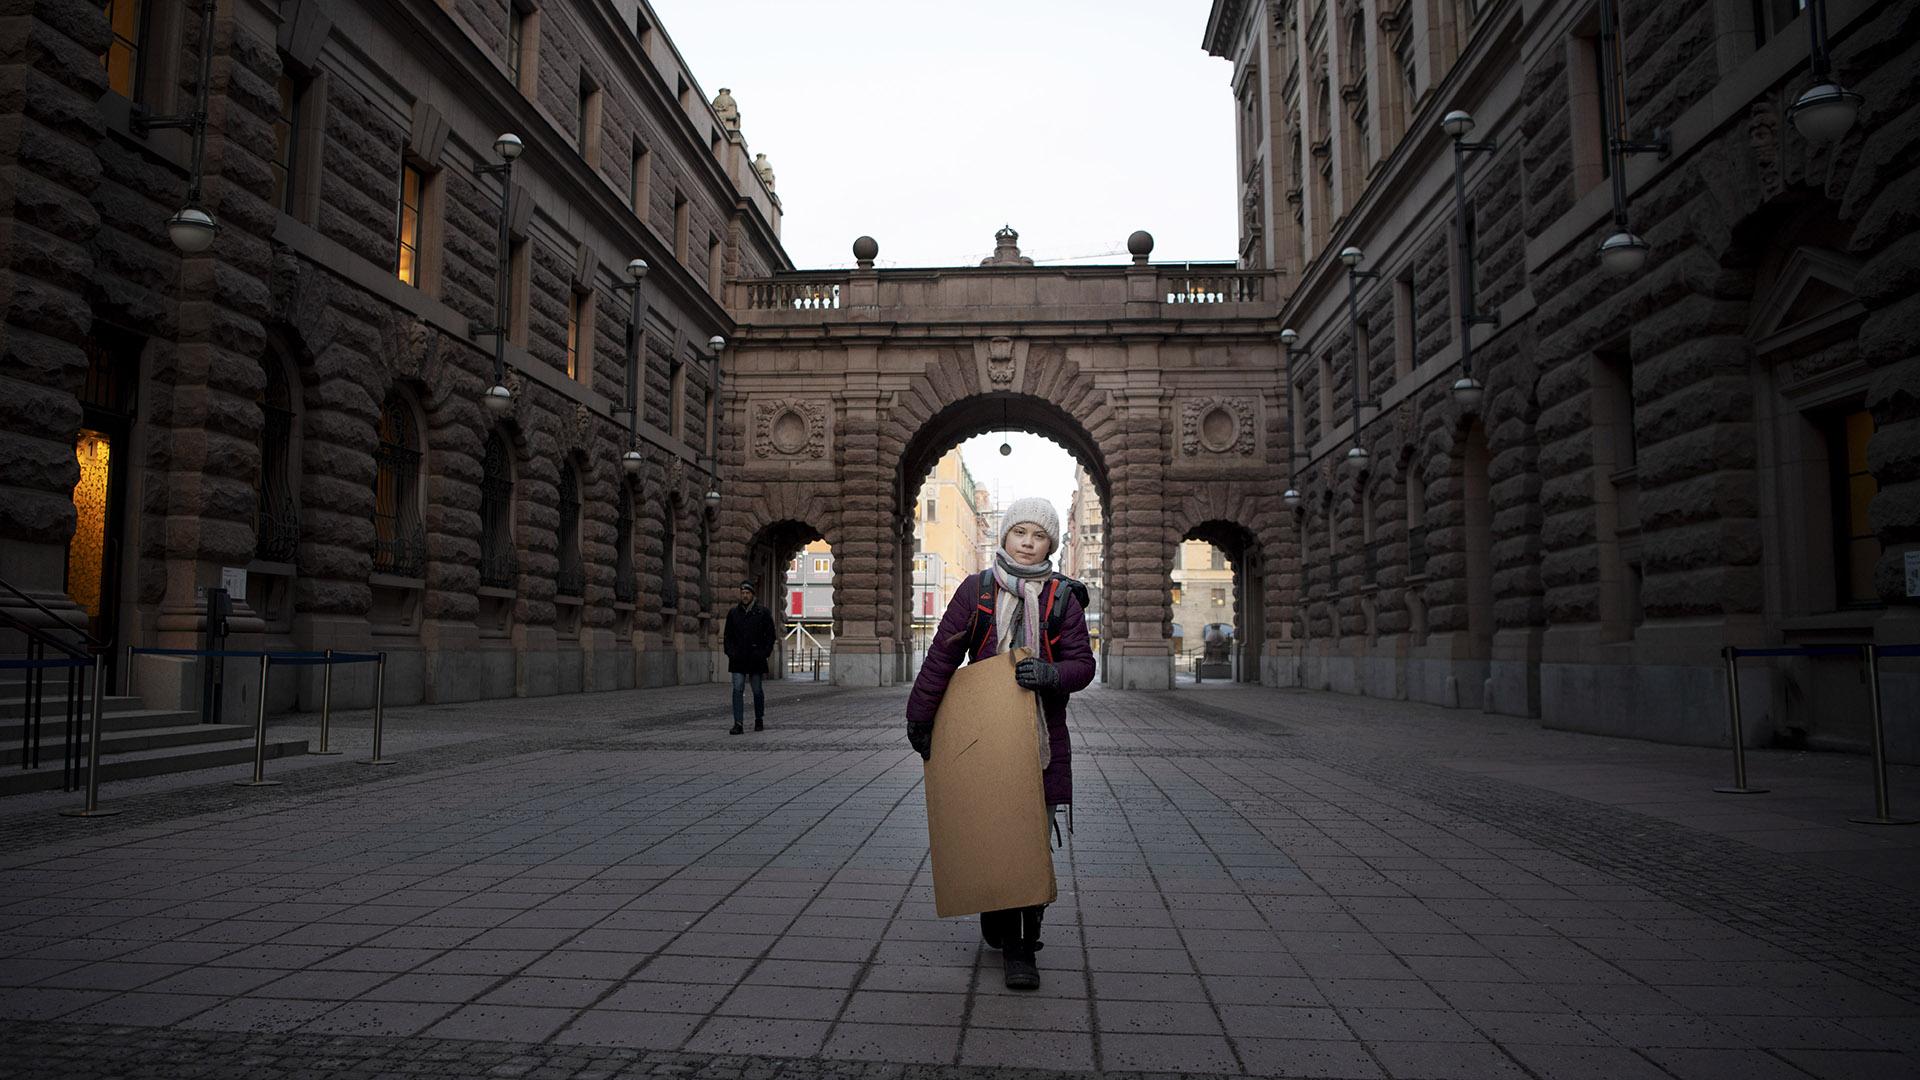 Thunberg se ausenta de la escuela los viernes para manifestarse. Como una Cassandra moderna para la era del cambio climático, el acto solitario de desobediencia civil de 16 años la convirtió en un símbolo de lucha (Elisabeth Ubbe / The New York Times)